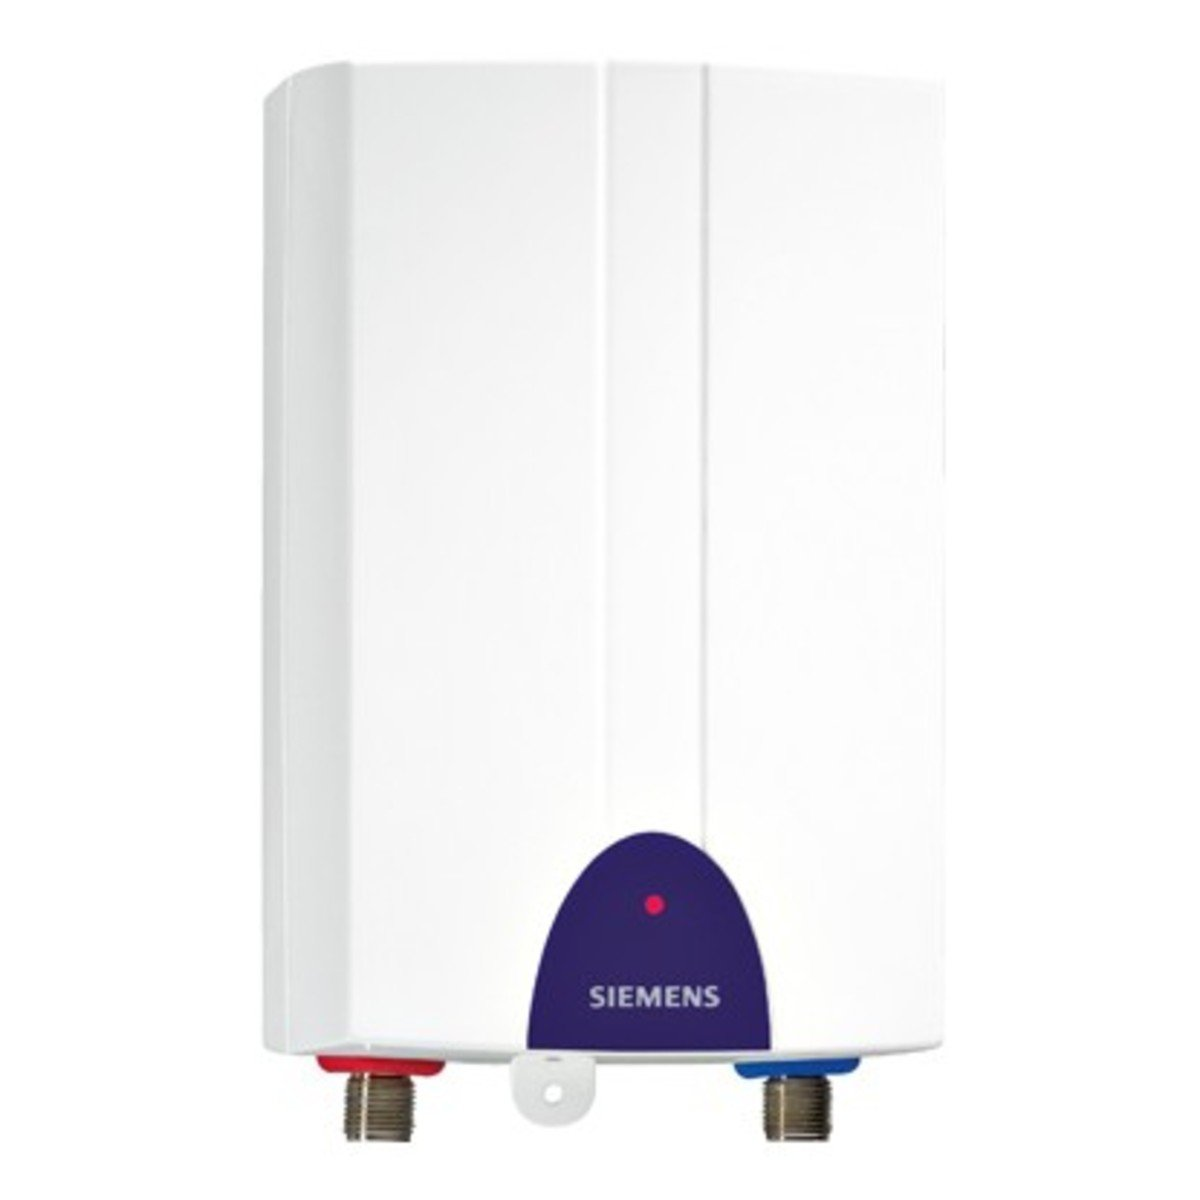 儲水式小巧型即熱式熱水爐 DH06111 6.0千瓦